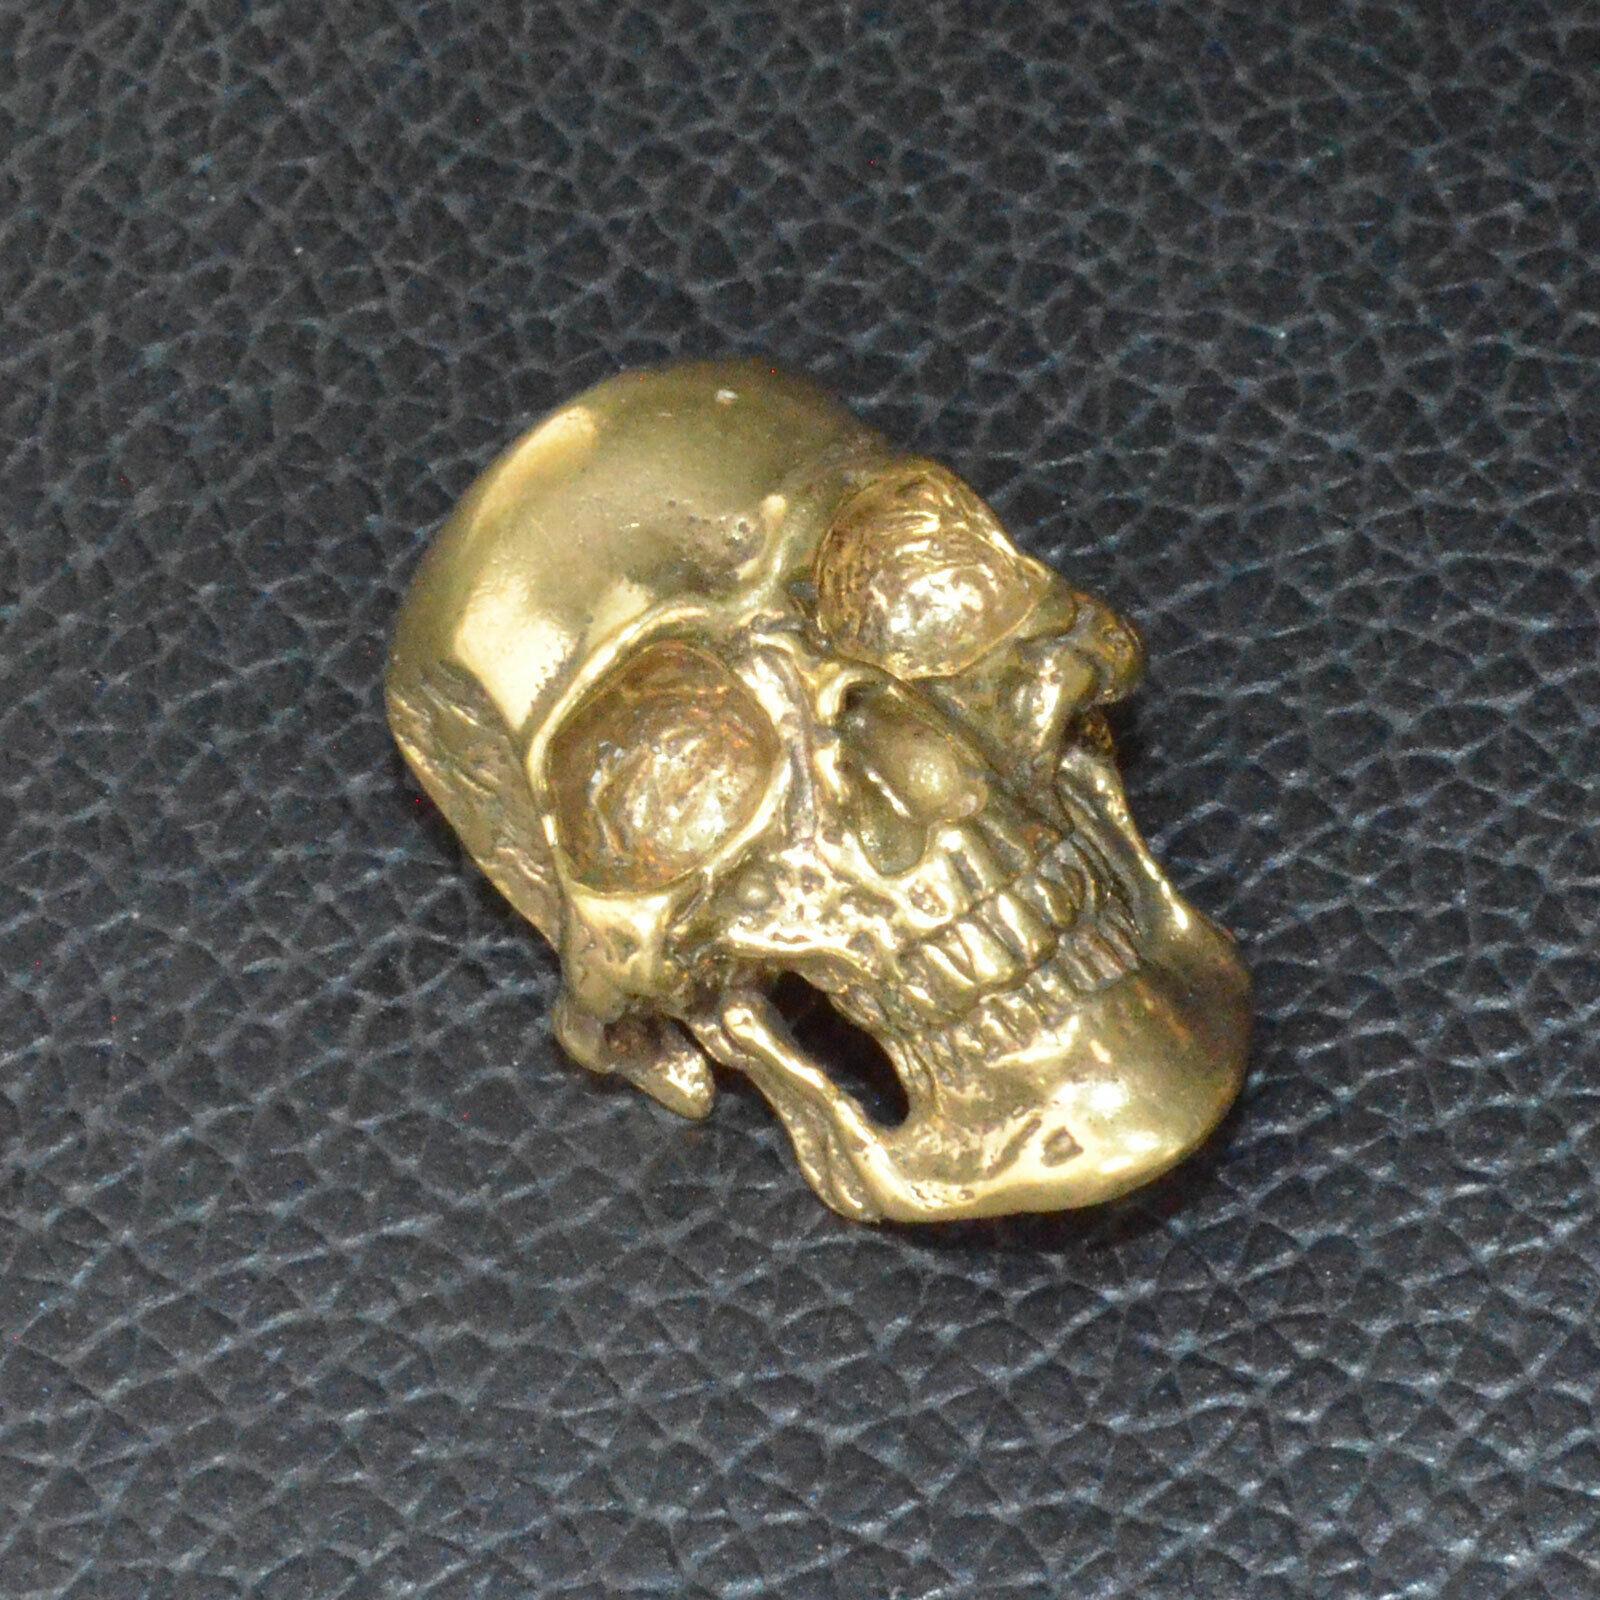 DIY Copper Screwback Leather Crafts Skull Punk Design Making Accessories